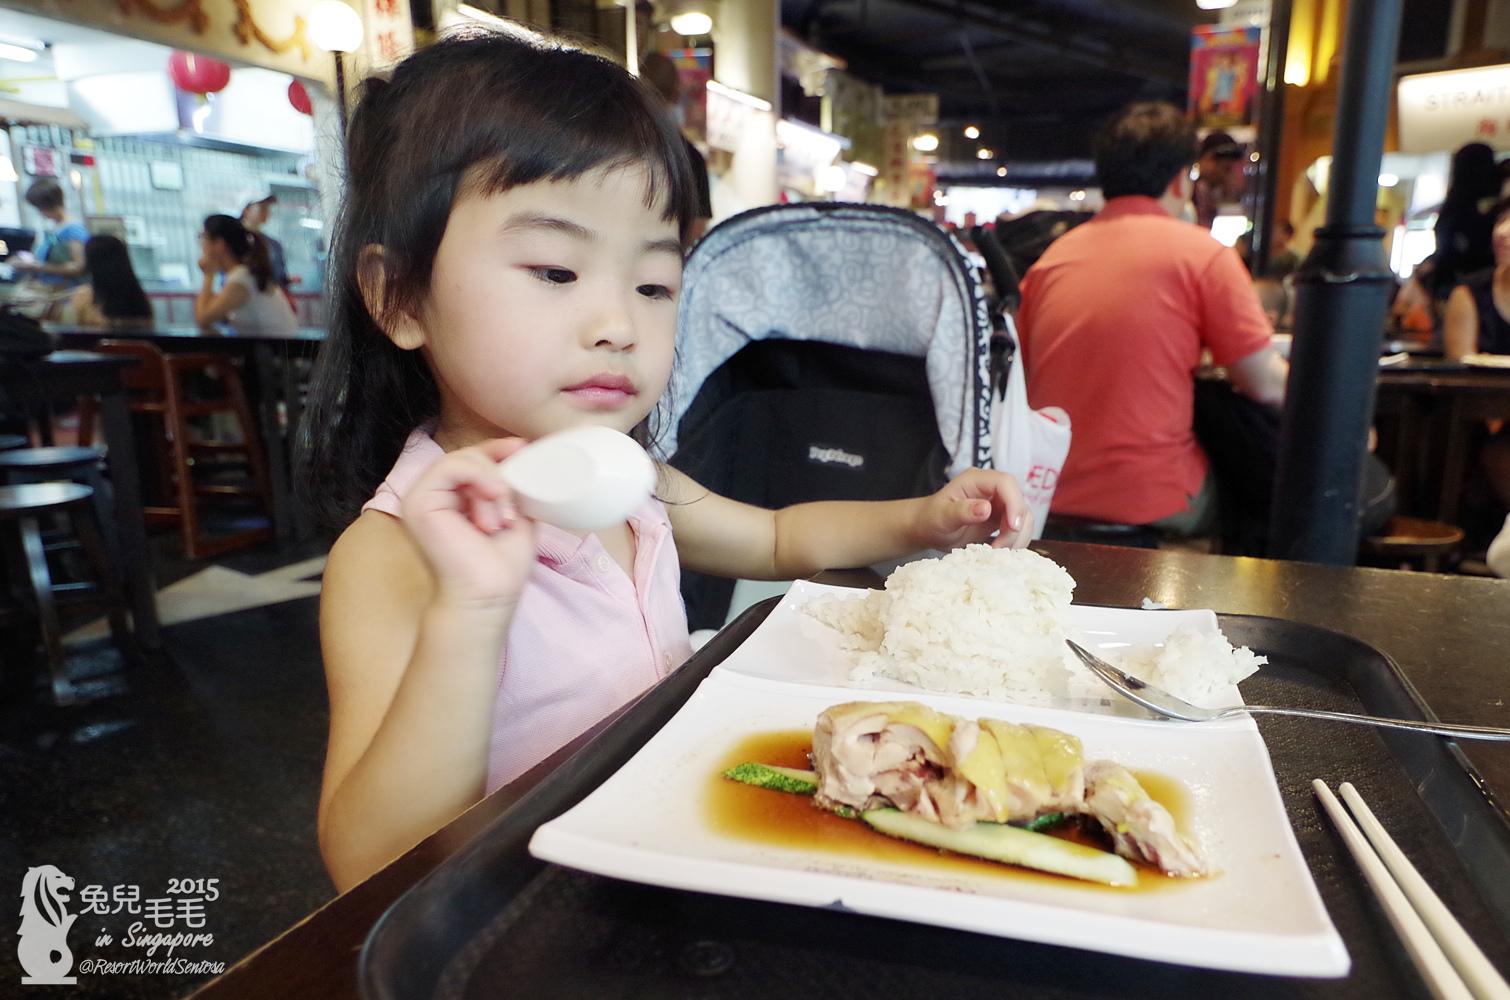 0215-馬來西亞美食街-11.jpg